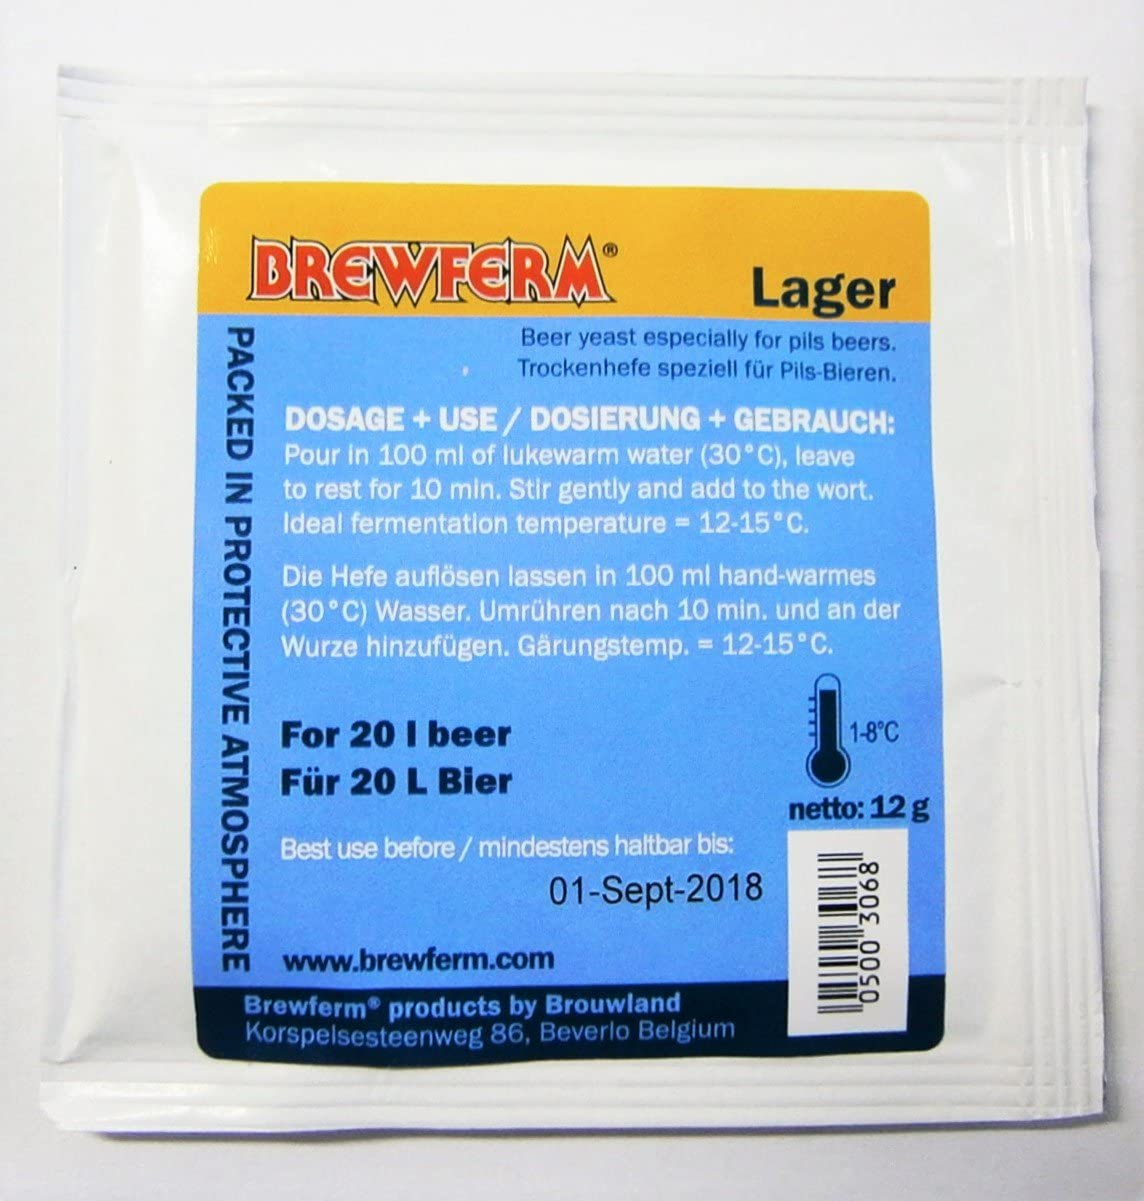 Brewferm Lager - Levadura de cerveza, para fermentación casera, cerveza hecha en casa, estilos de cerveza, cepas de levadura para cerveza, fermentación alta o baja